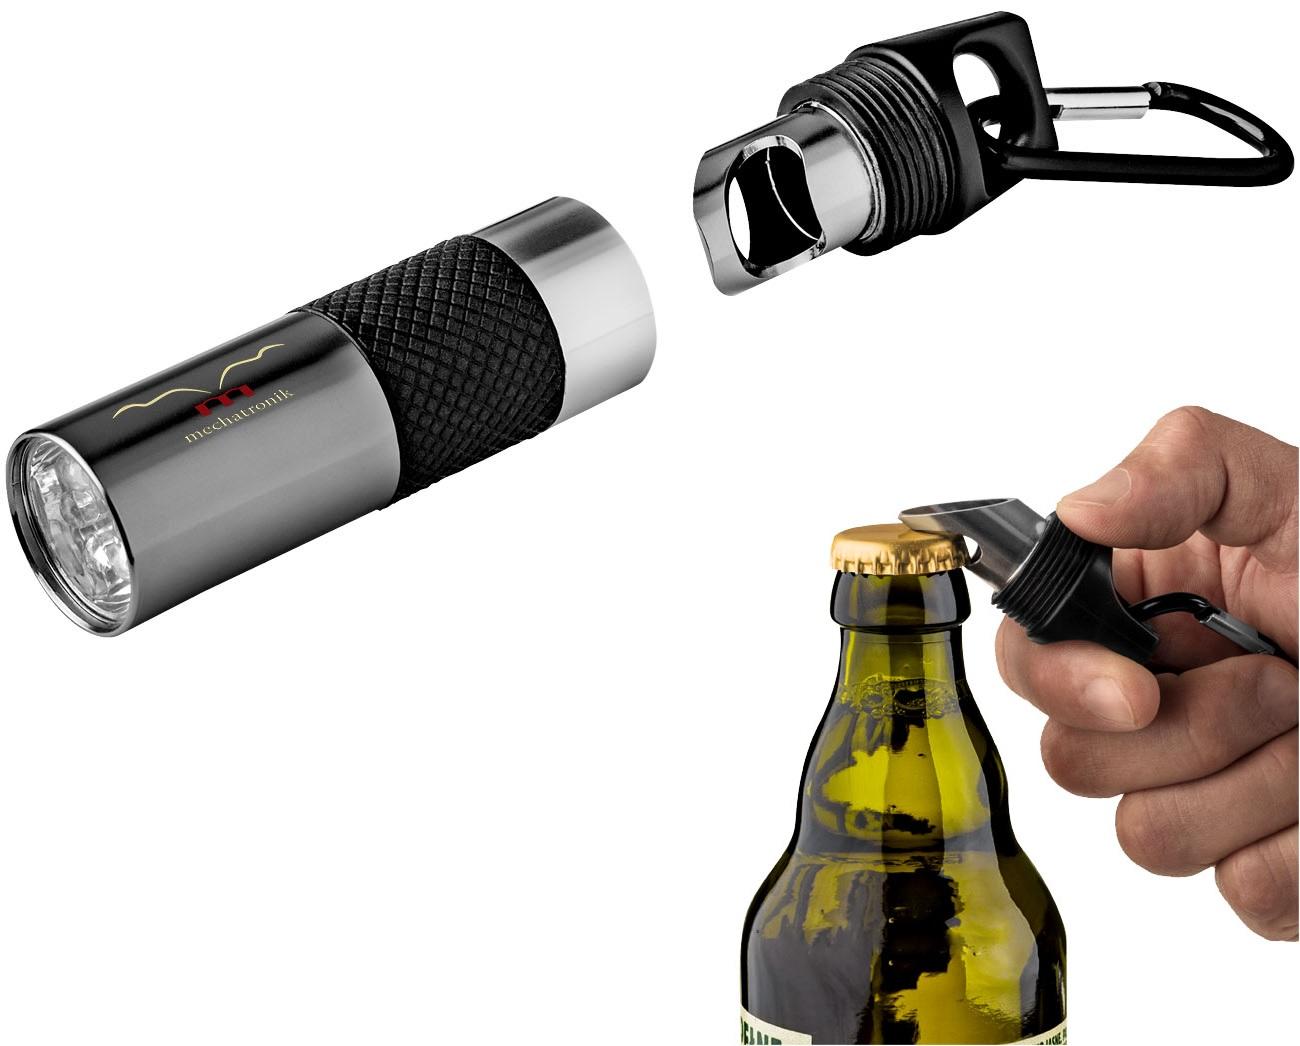 Lukturītis - alus pudeļu attaisāmais